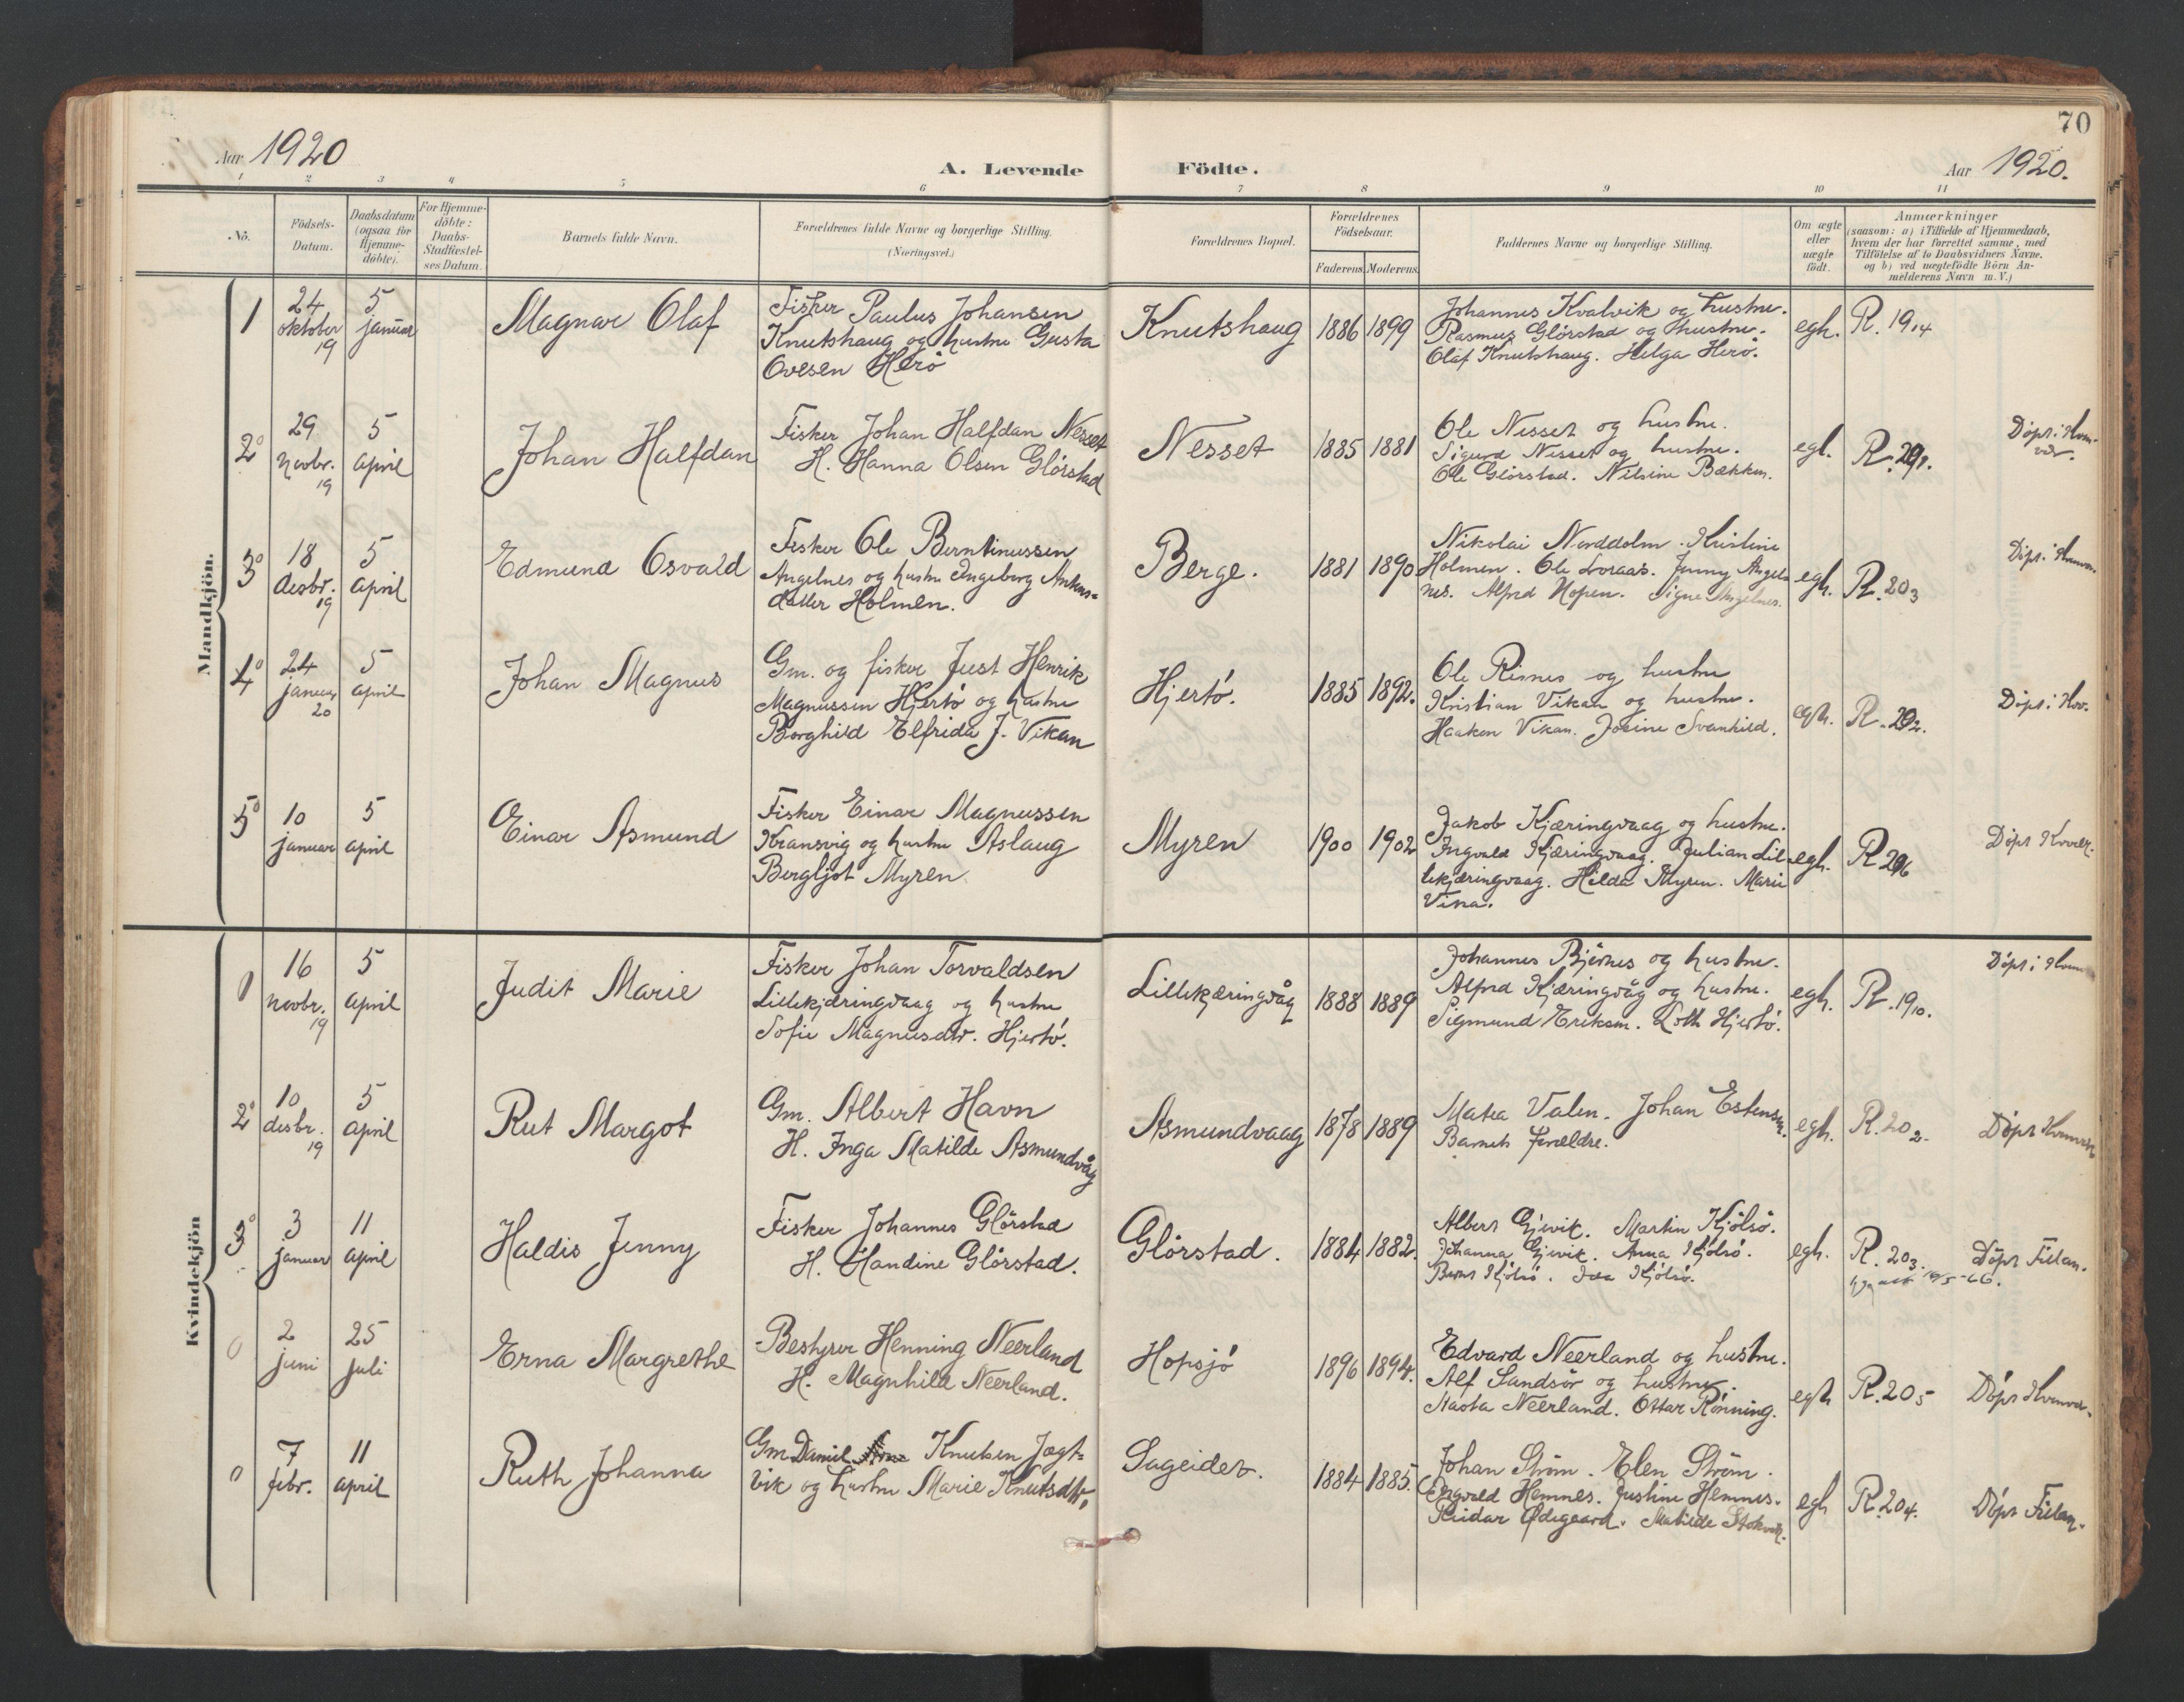 SAT, Ministerialprotokoller, klokkerbøker og fødselsregistre - Sør-Trøndelag, 634/L0537: Ministerialbok nr. 634A13, 1896-1922, s. 70